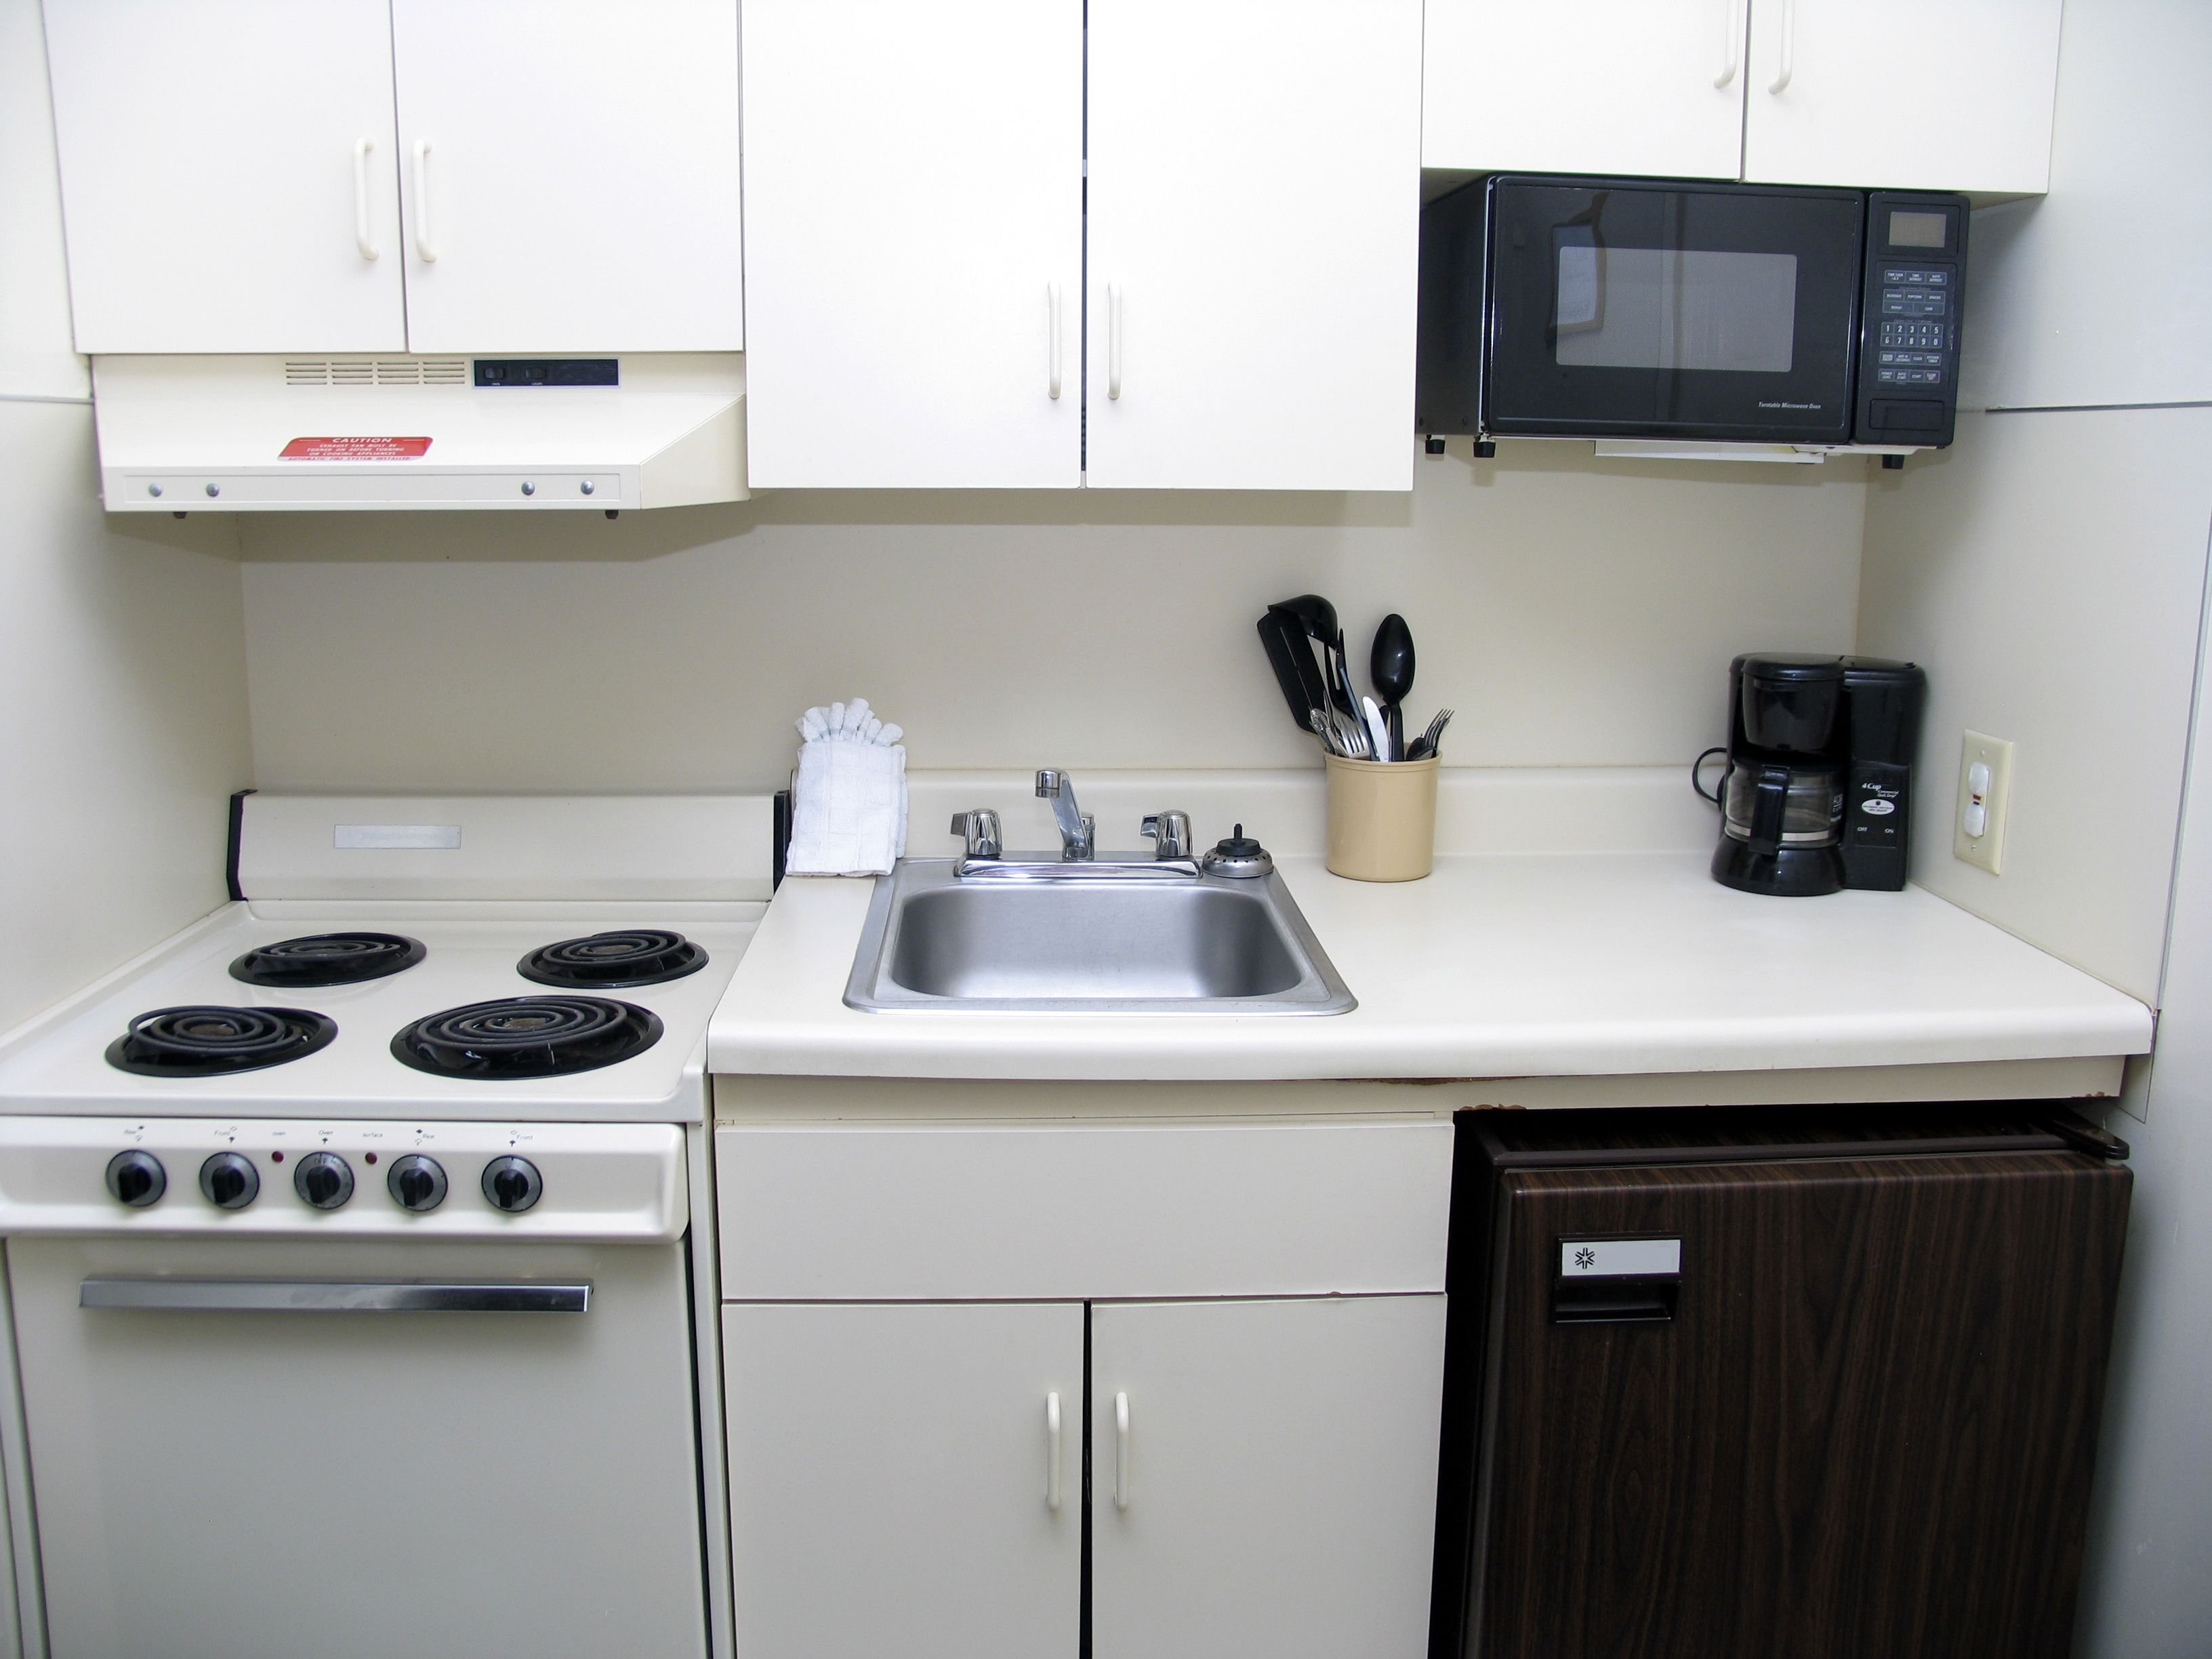 Small Apartment Size Kitchen Appliances | http://radiofreeion.net ...